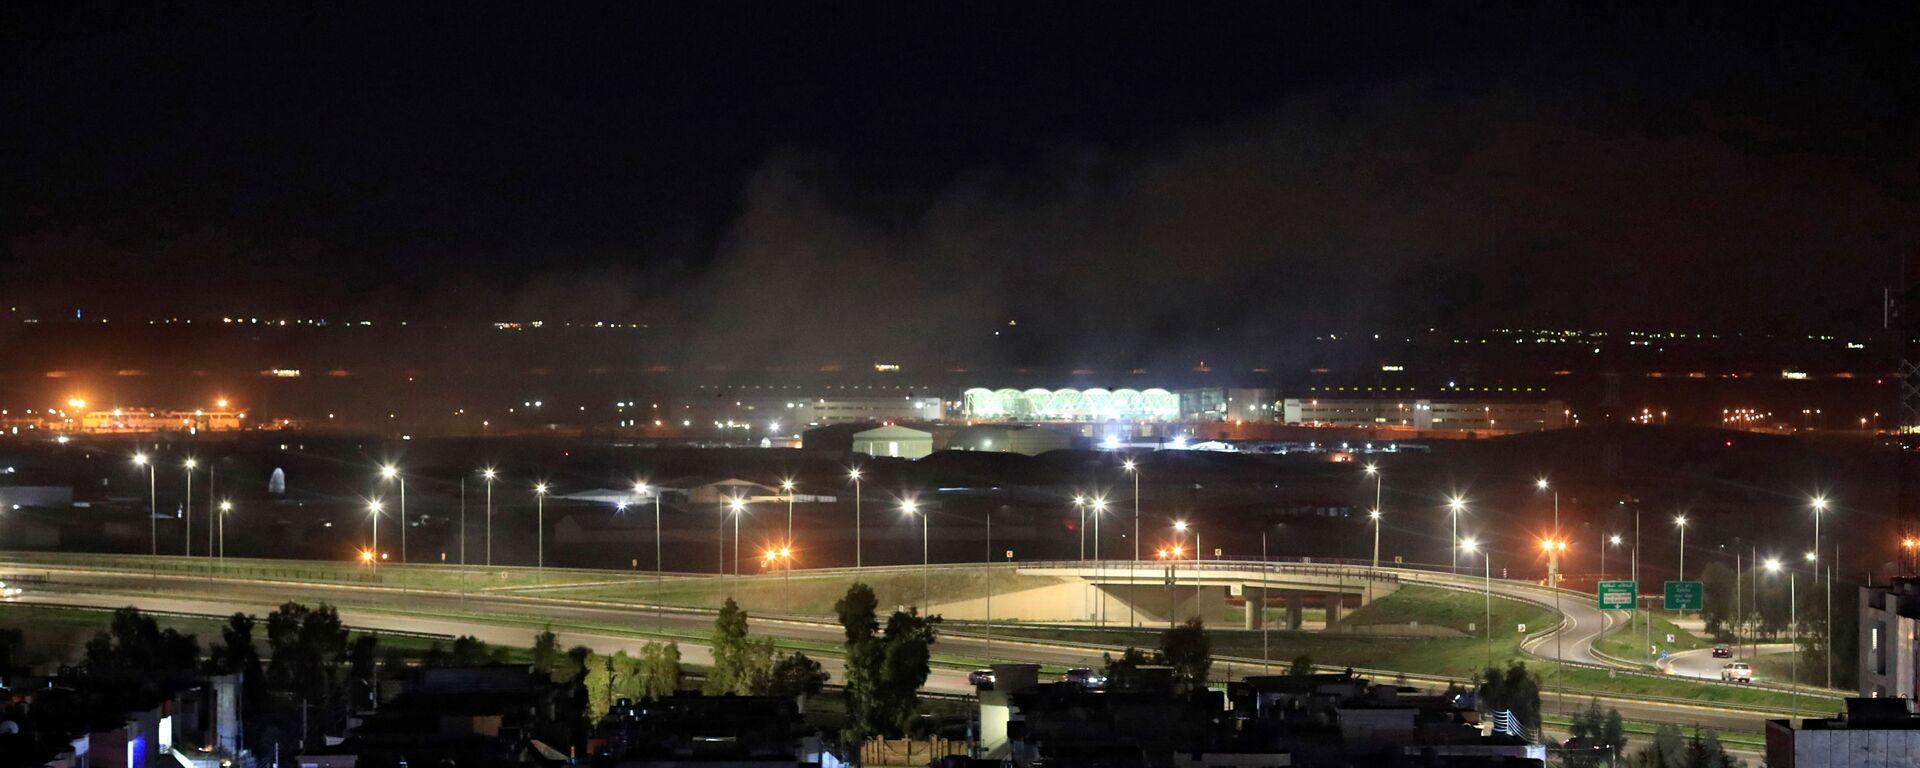 Irak'ın Erbil kentinde ABD askeri üssünün de bulunduğu bir havaalanına füzeli saldırı düzenlendiği bildirildi - Sputnik Türkiye, 1920, 07.07.2021